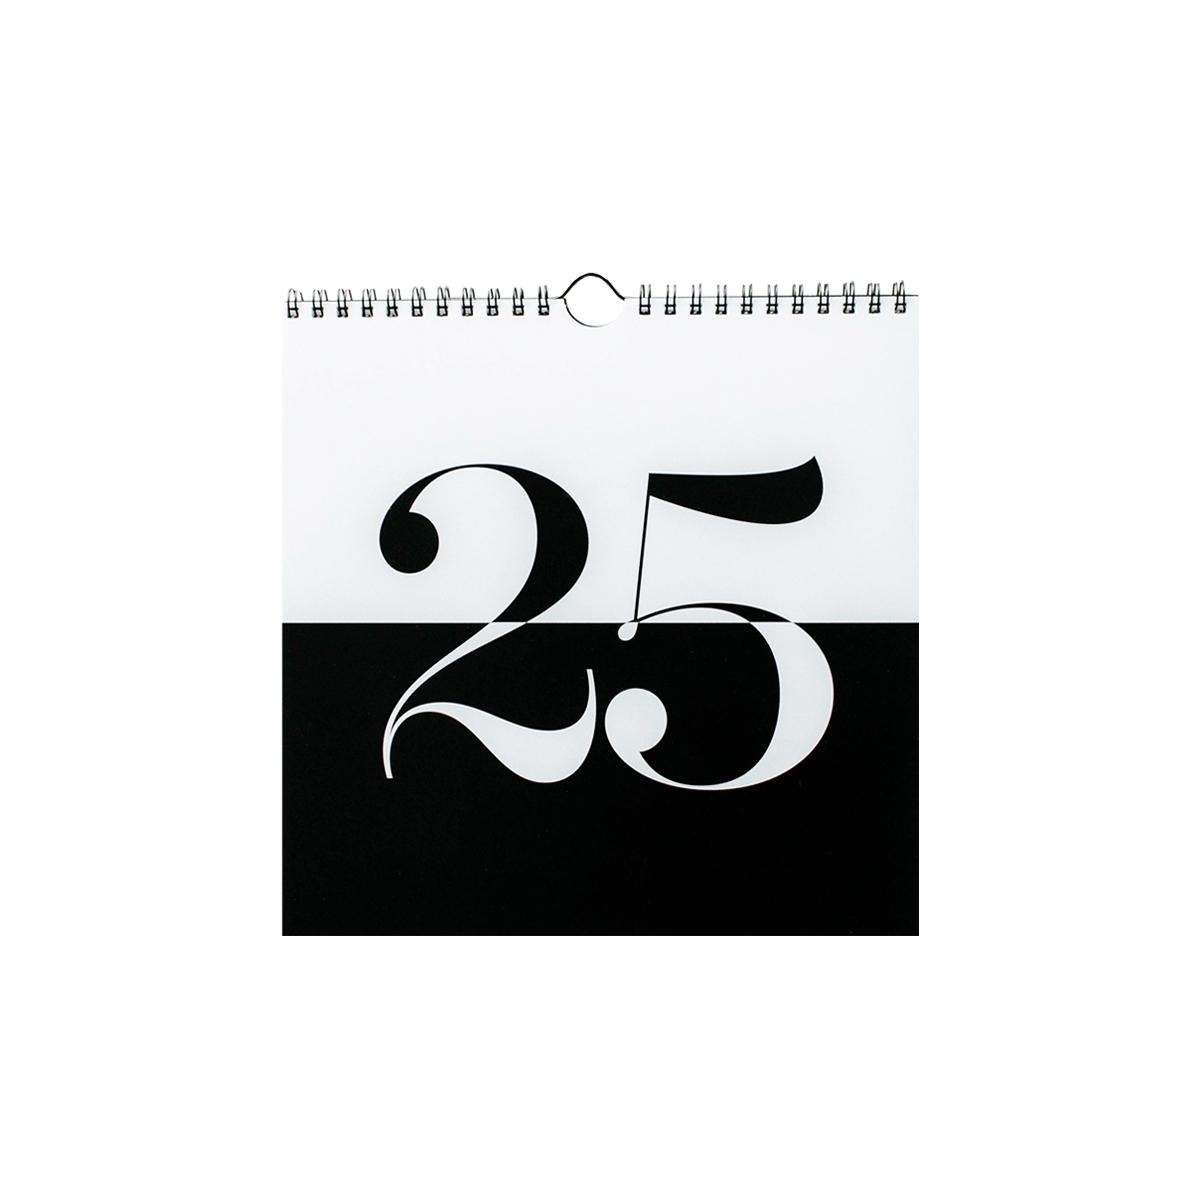 Victoria Senges Design Co  - V SHOP Stationery Vancouver & Paper Goods -  The Calendar | 2019